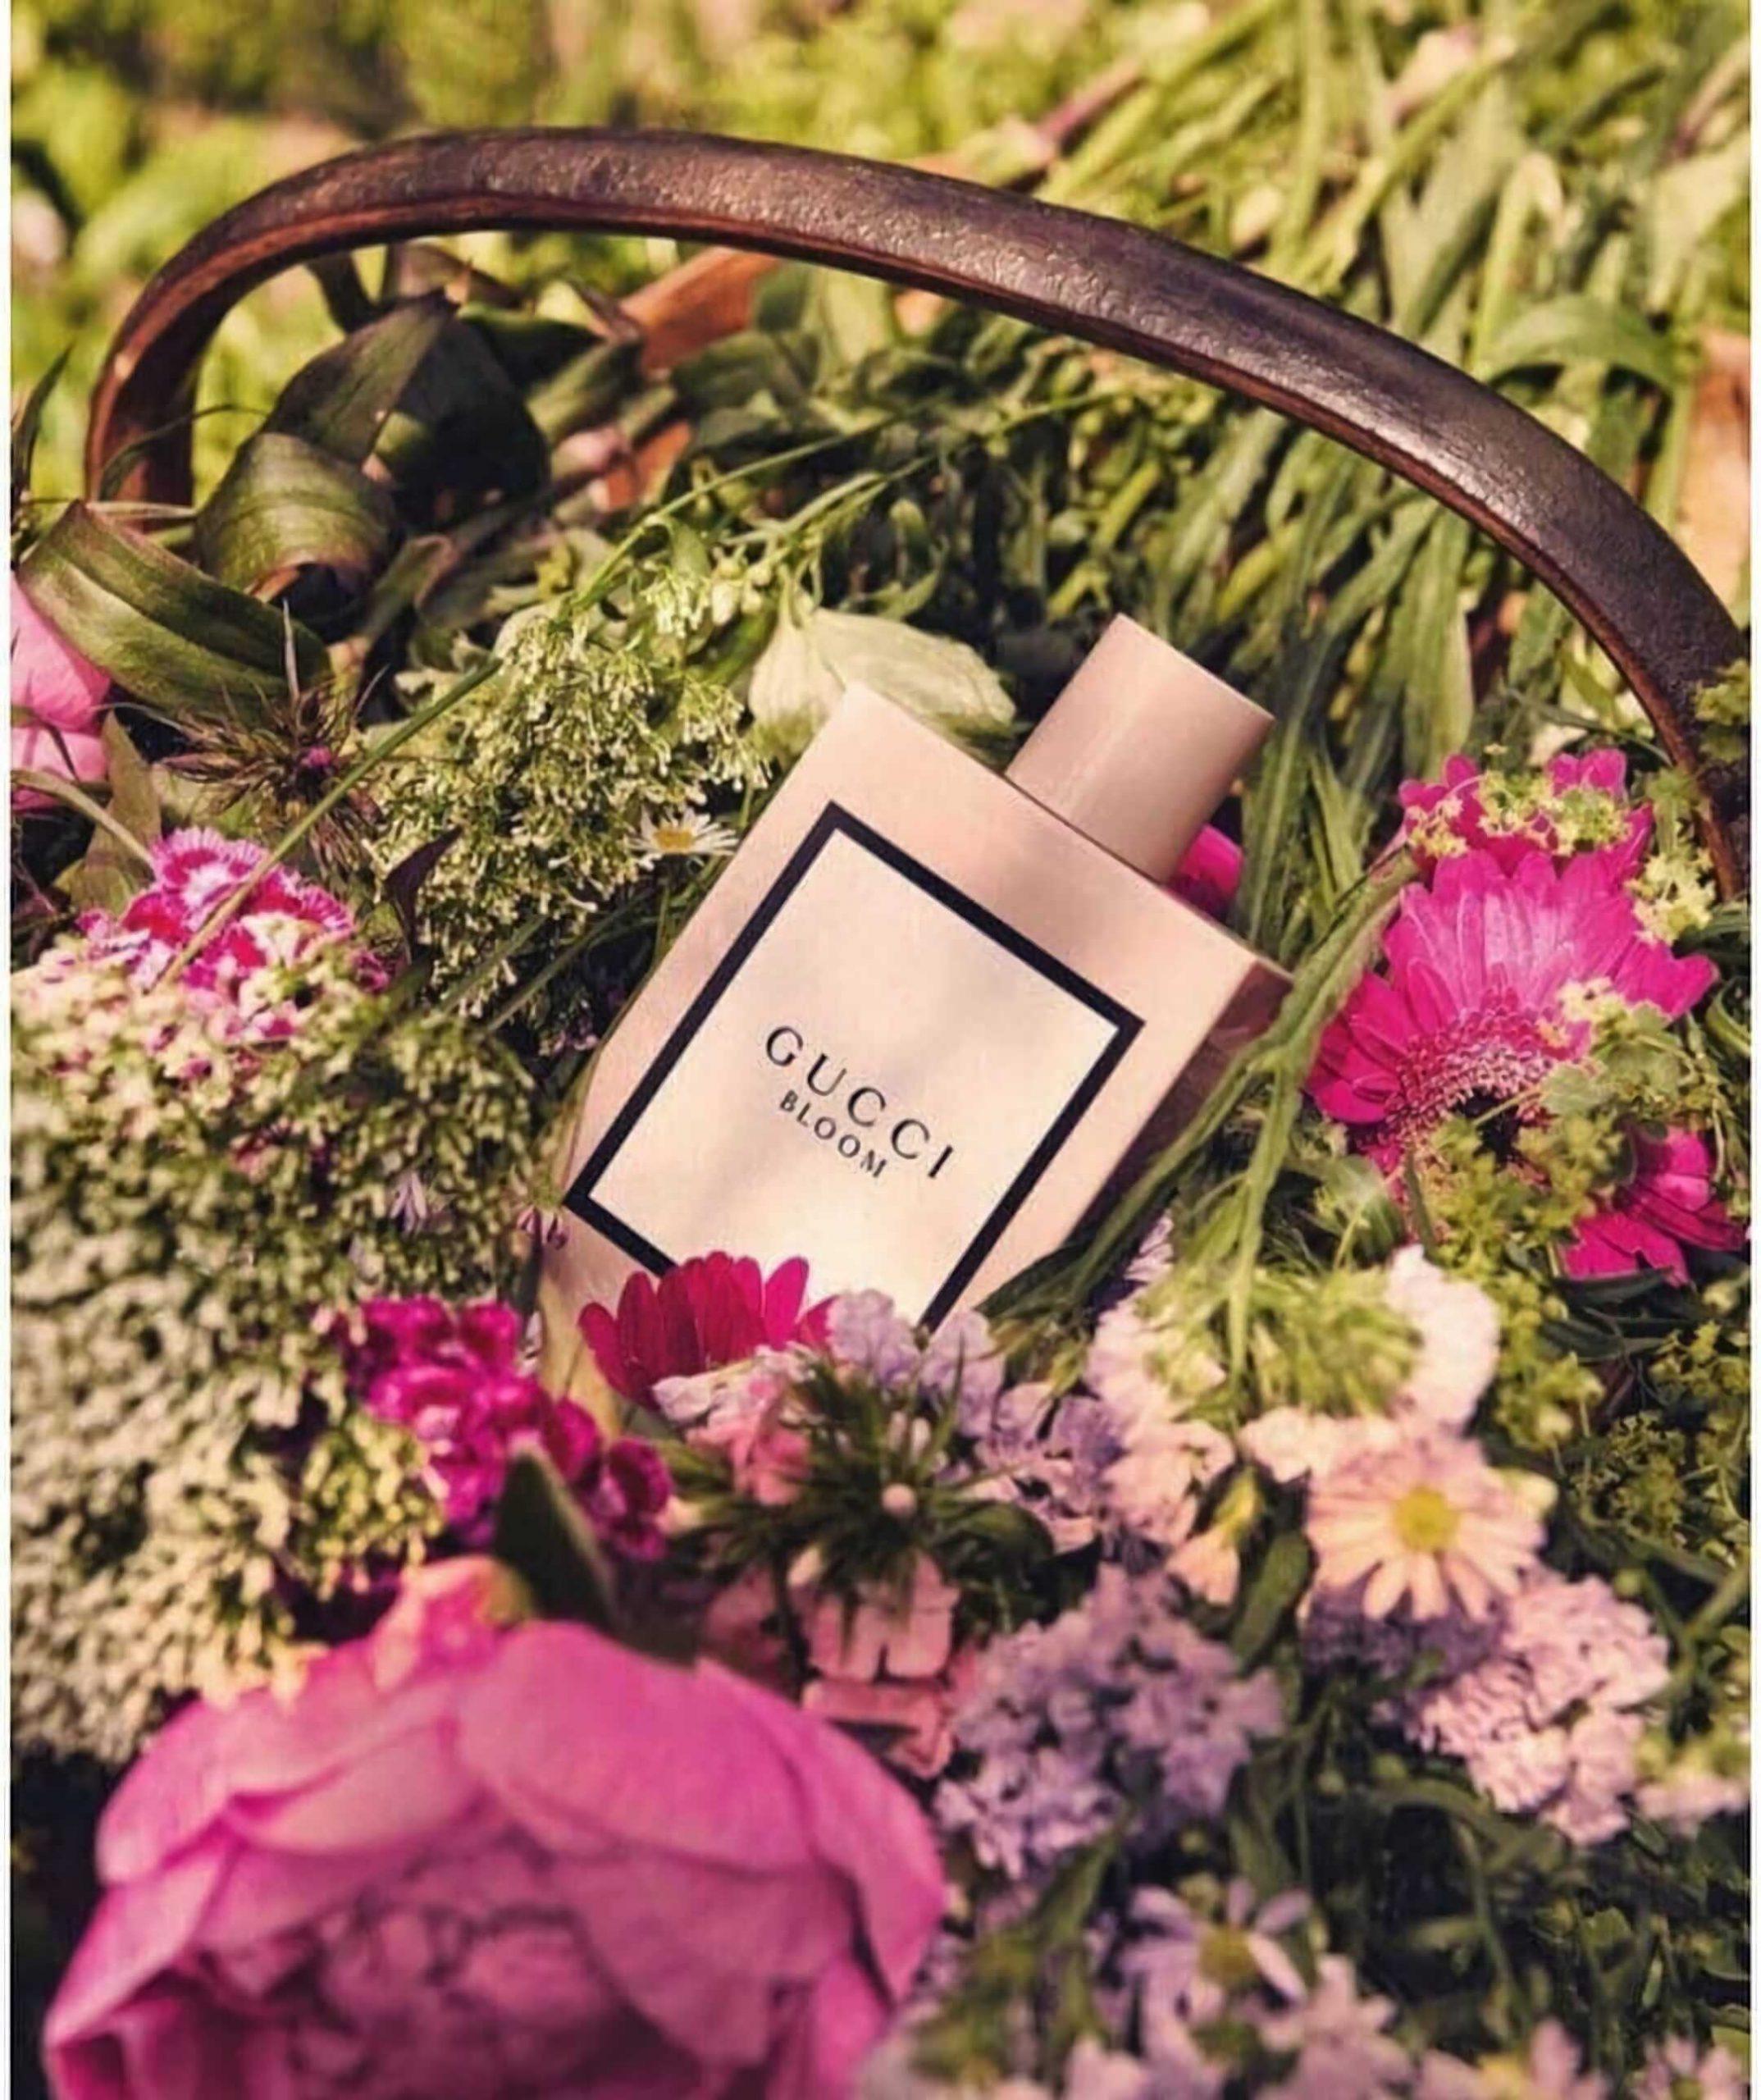 стойкий цветочный парфюм Gucci Bloom